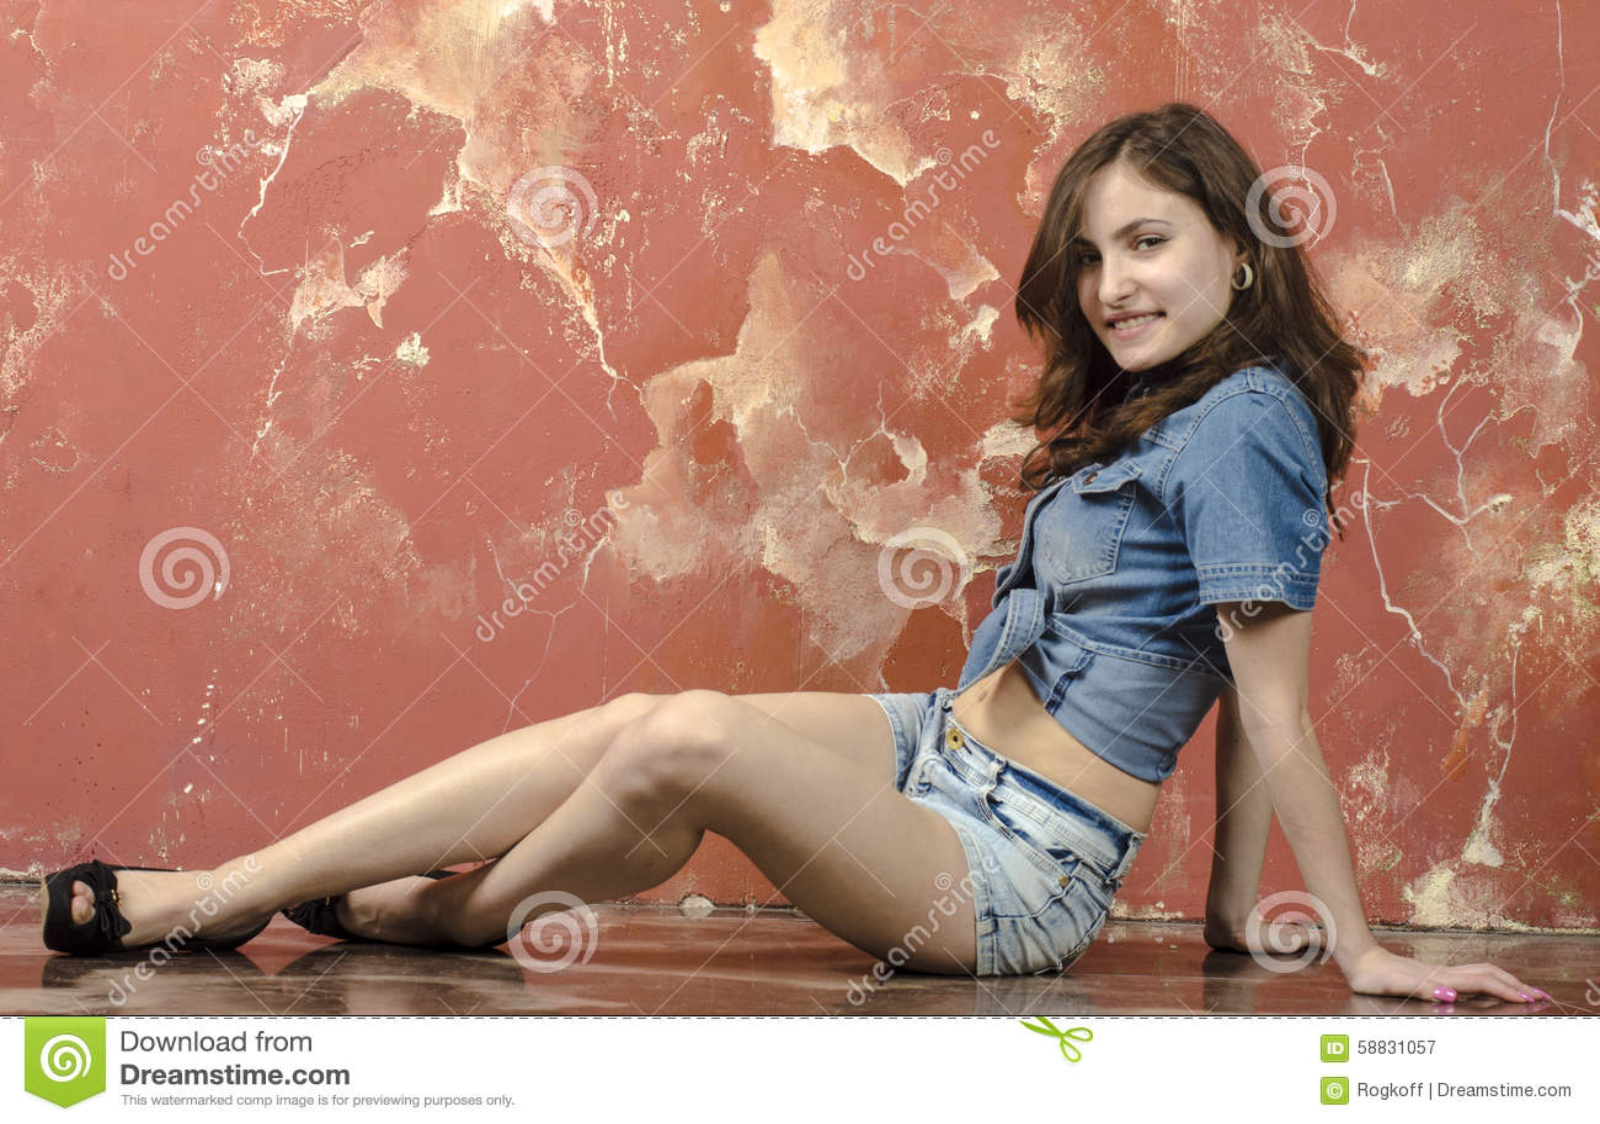 image Teen girl jeans movie girls behaving badly